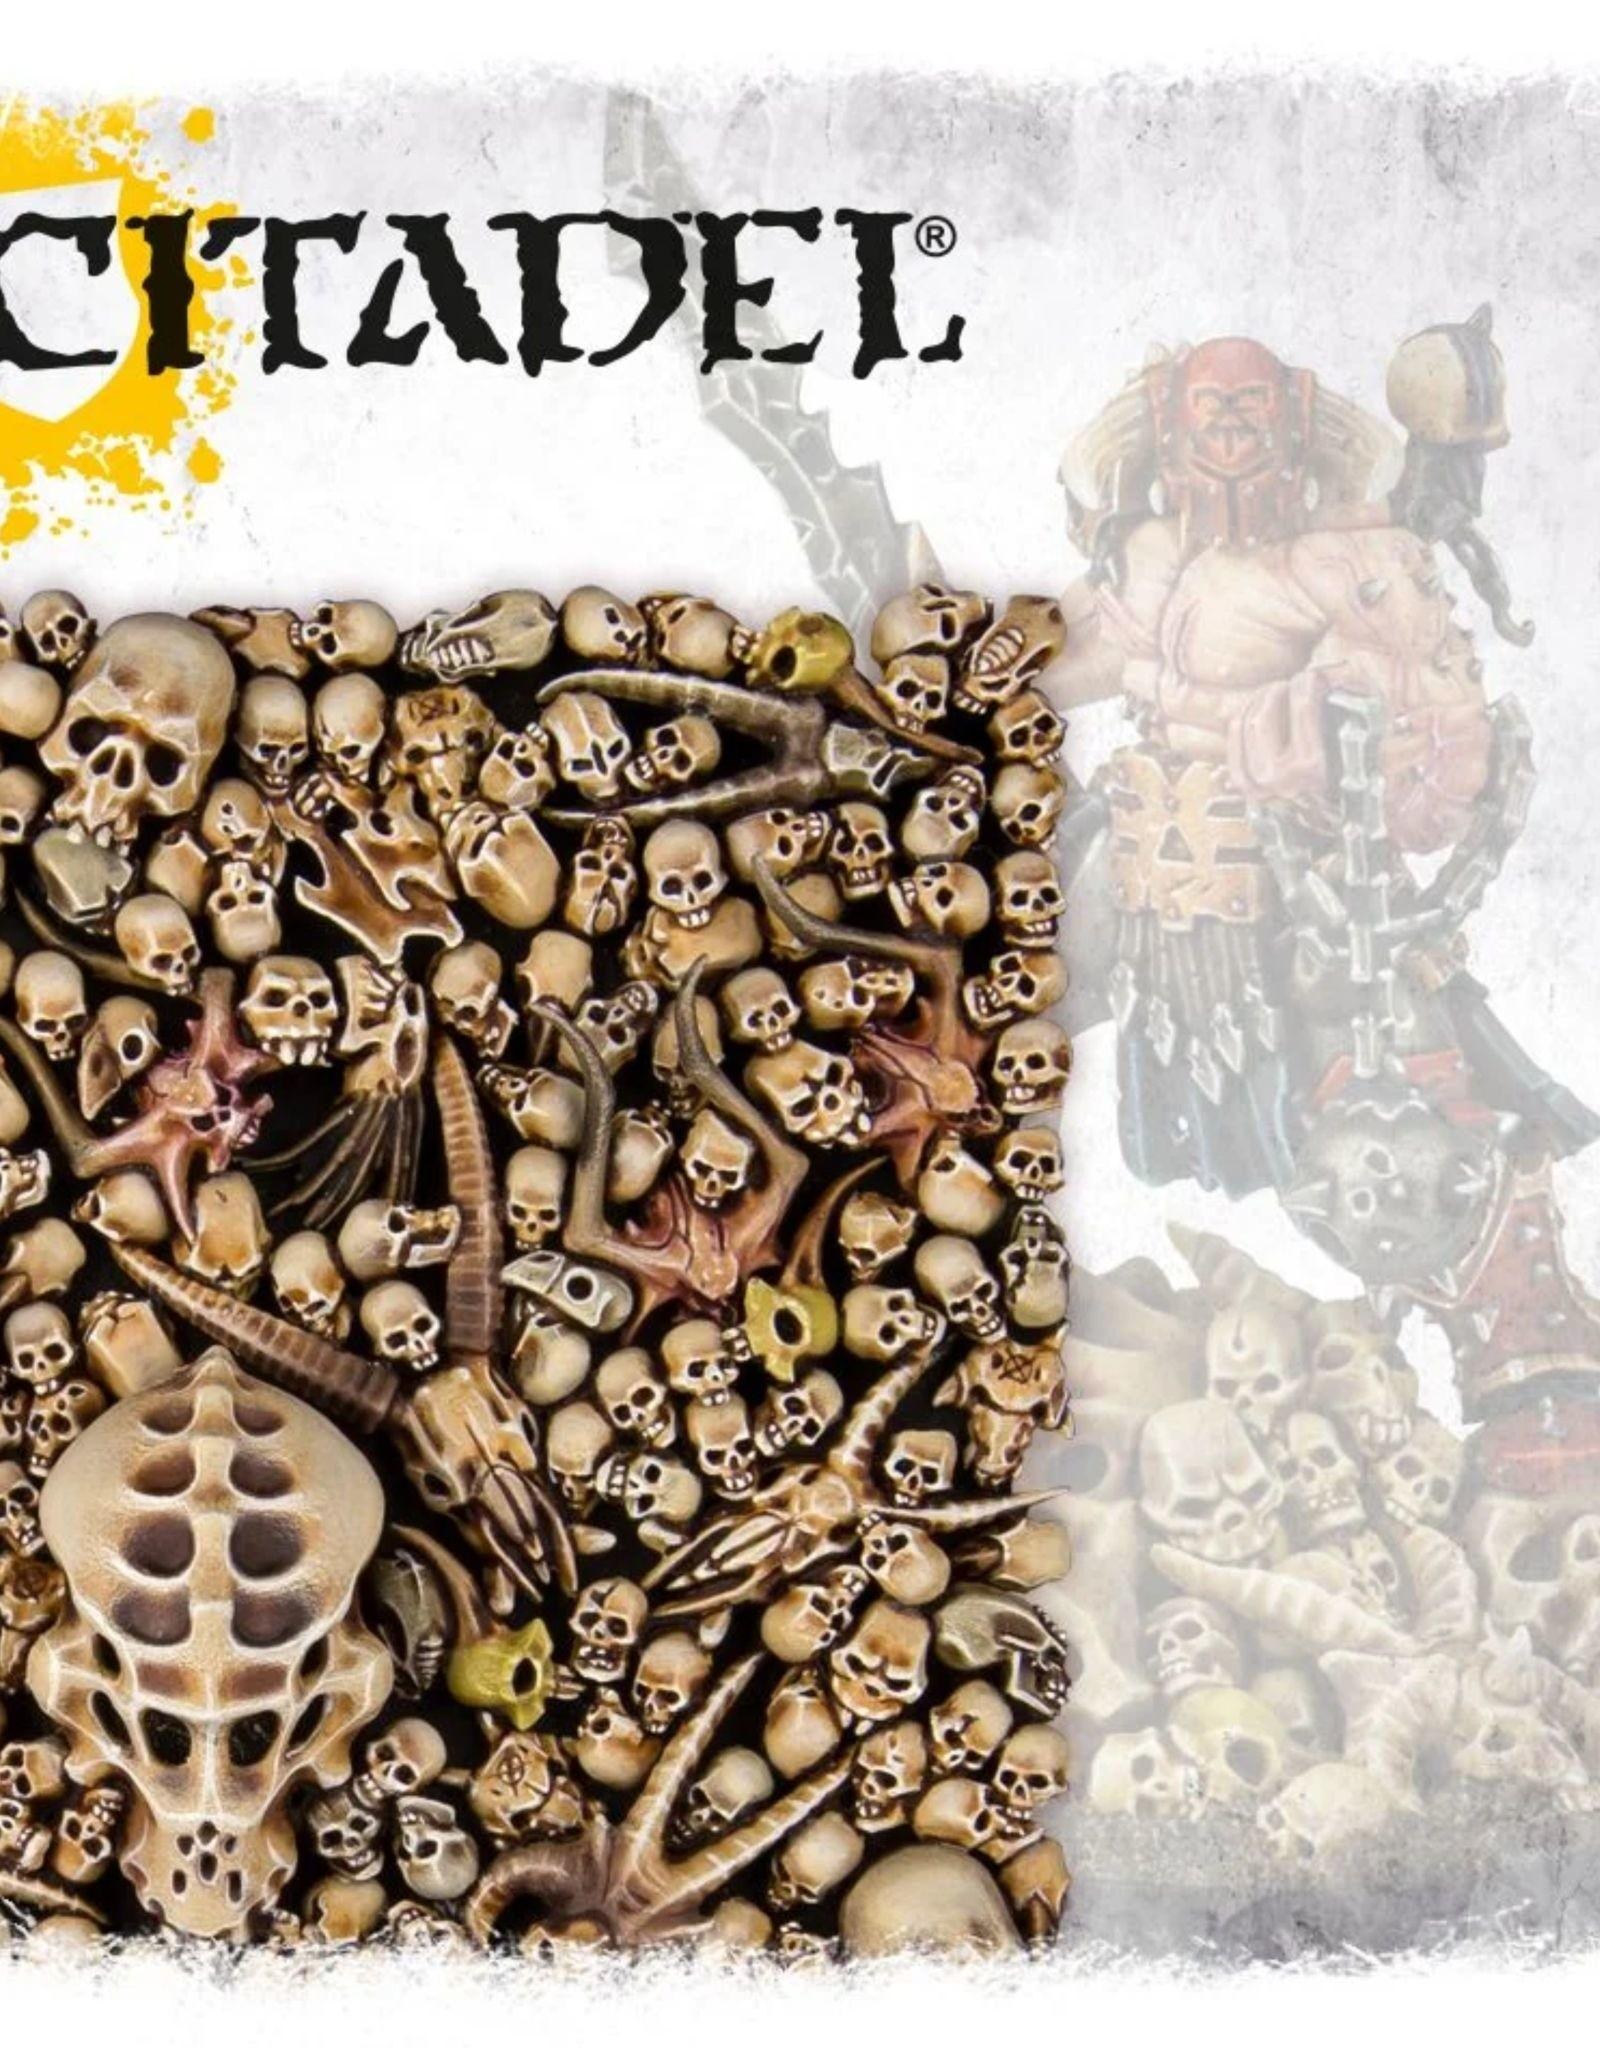 Citadel Citadel Skulls